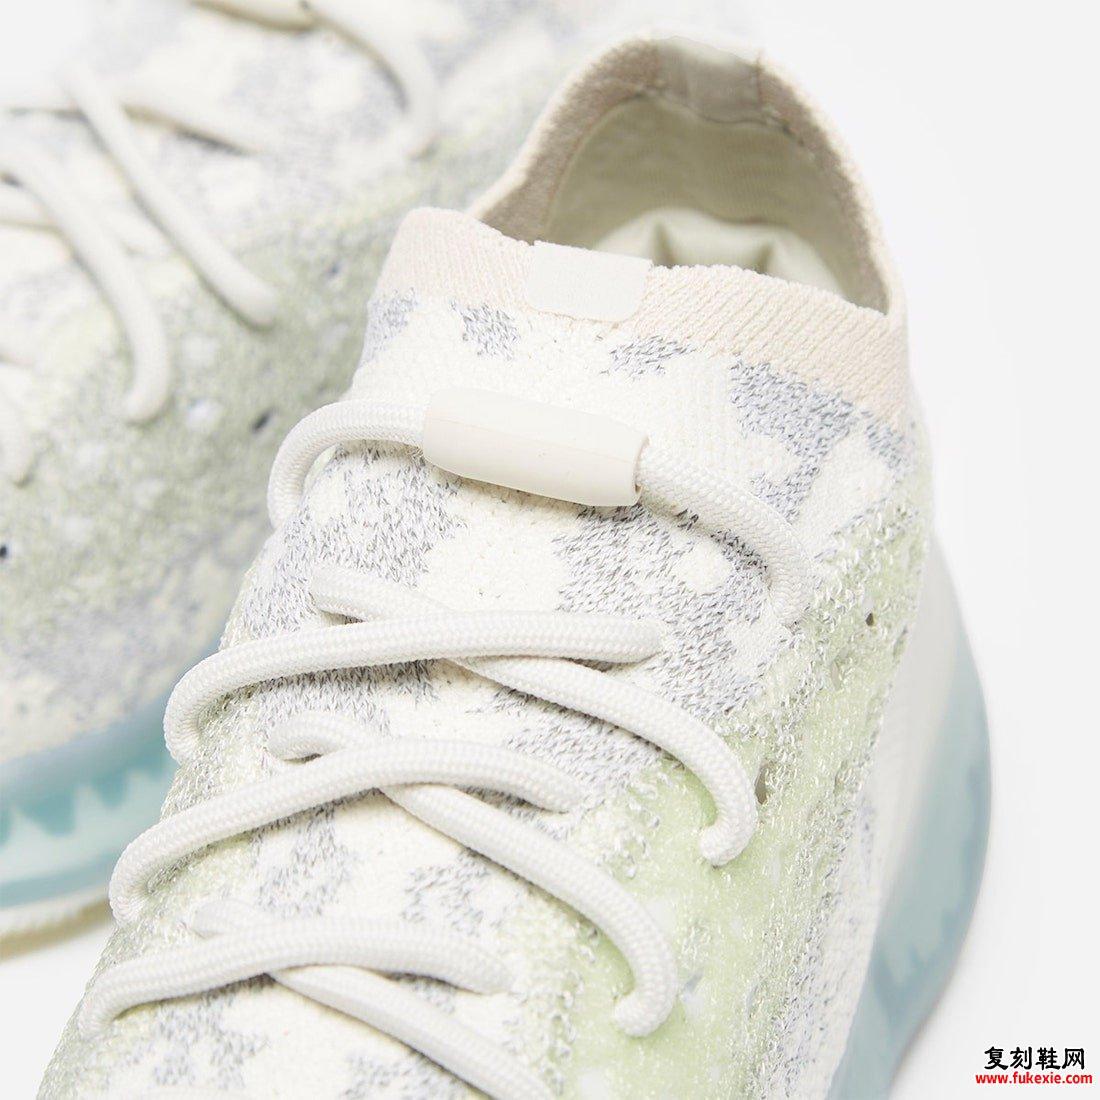 adidas Yeezy Boost 380 Alien Blue GW0304发售价格